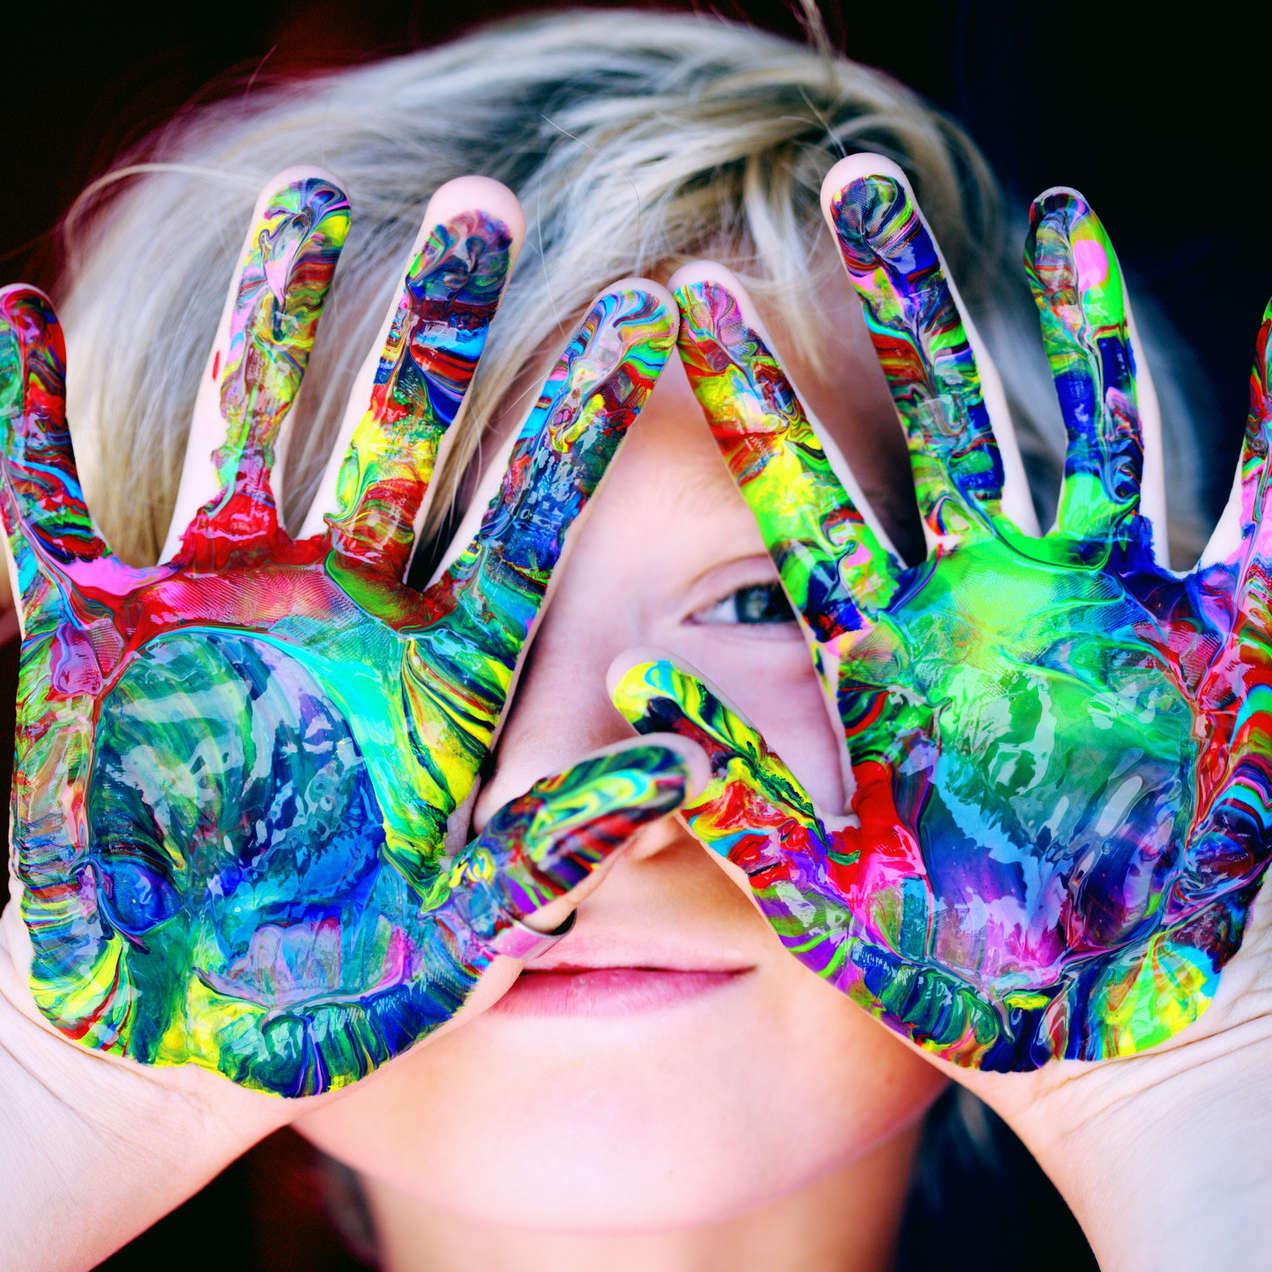 enfant avec des mains pleines de peinture